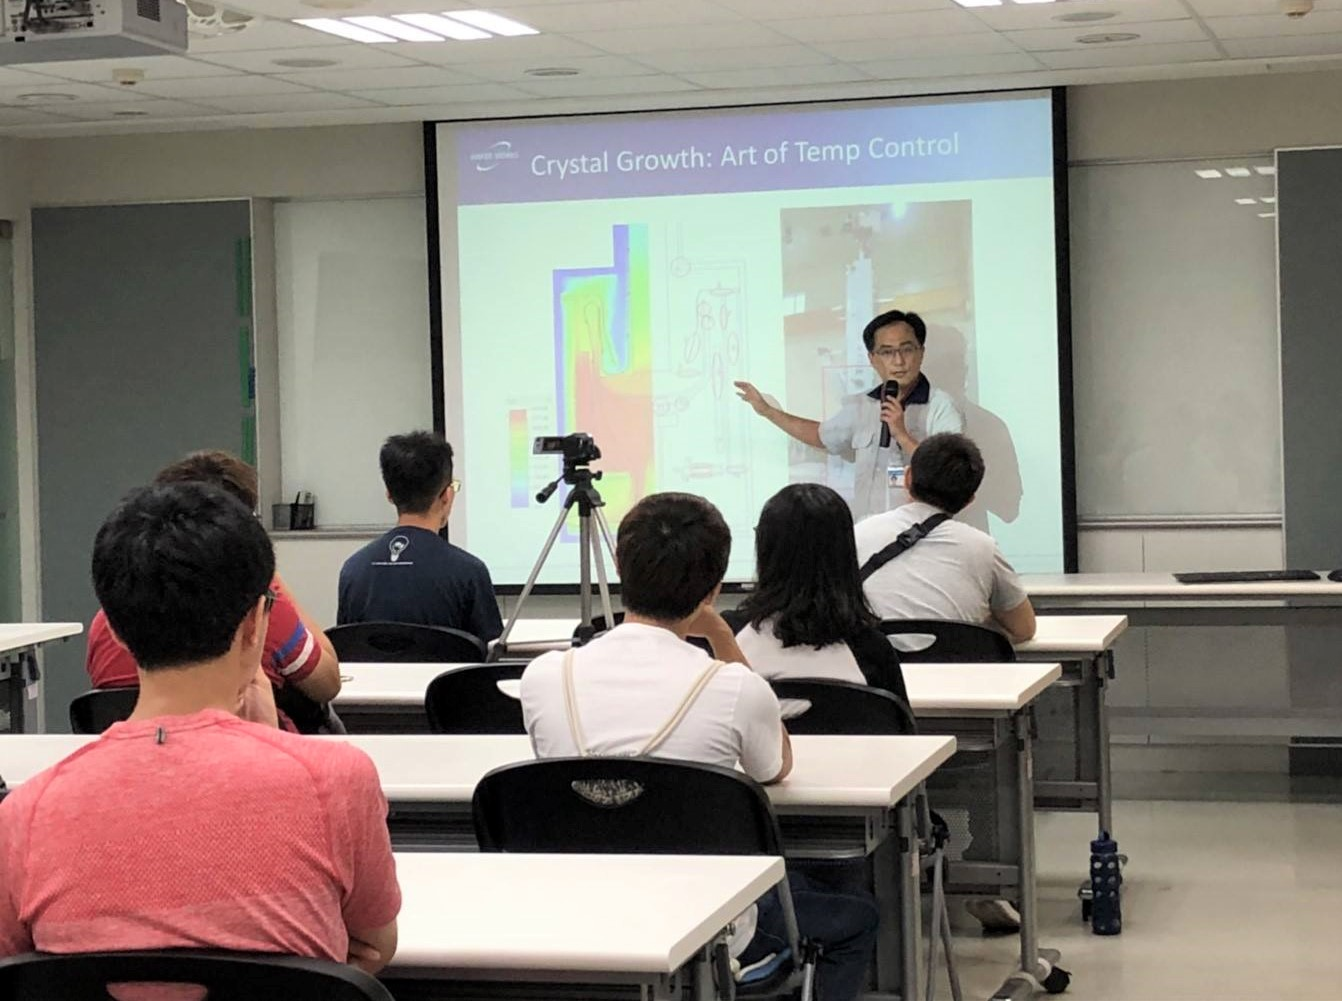 合晶科技每年至中原大學提供專題演講、講座課程,為校園人才培養與職涯就業提供協助.jpg